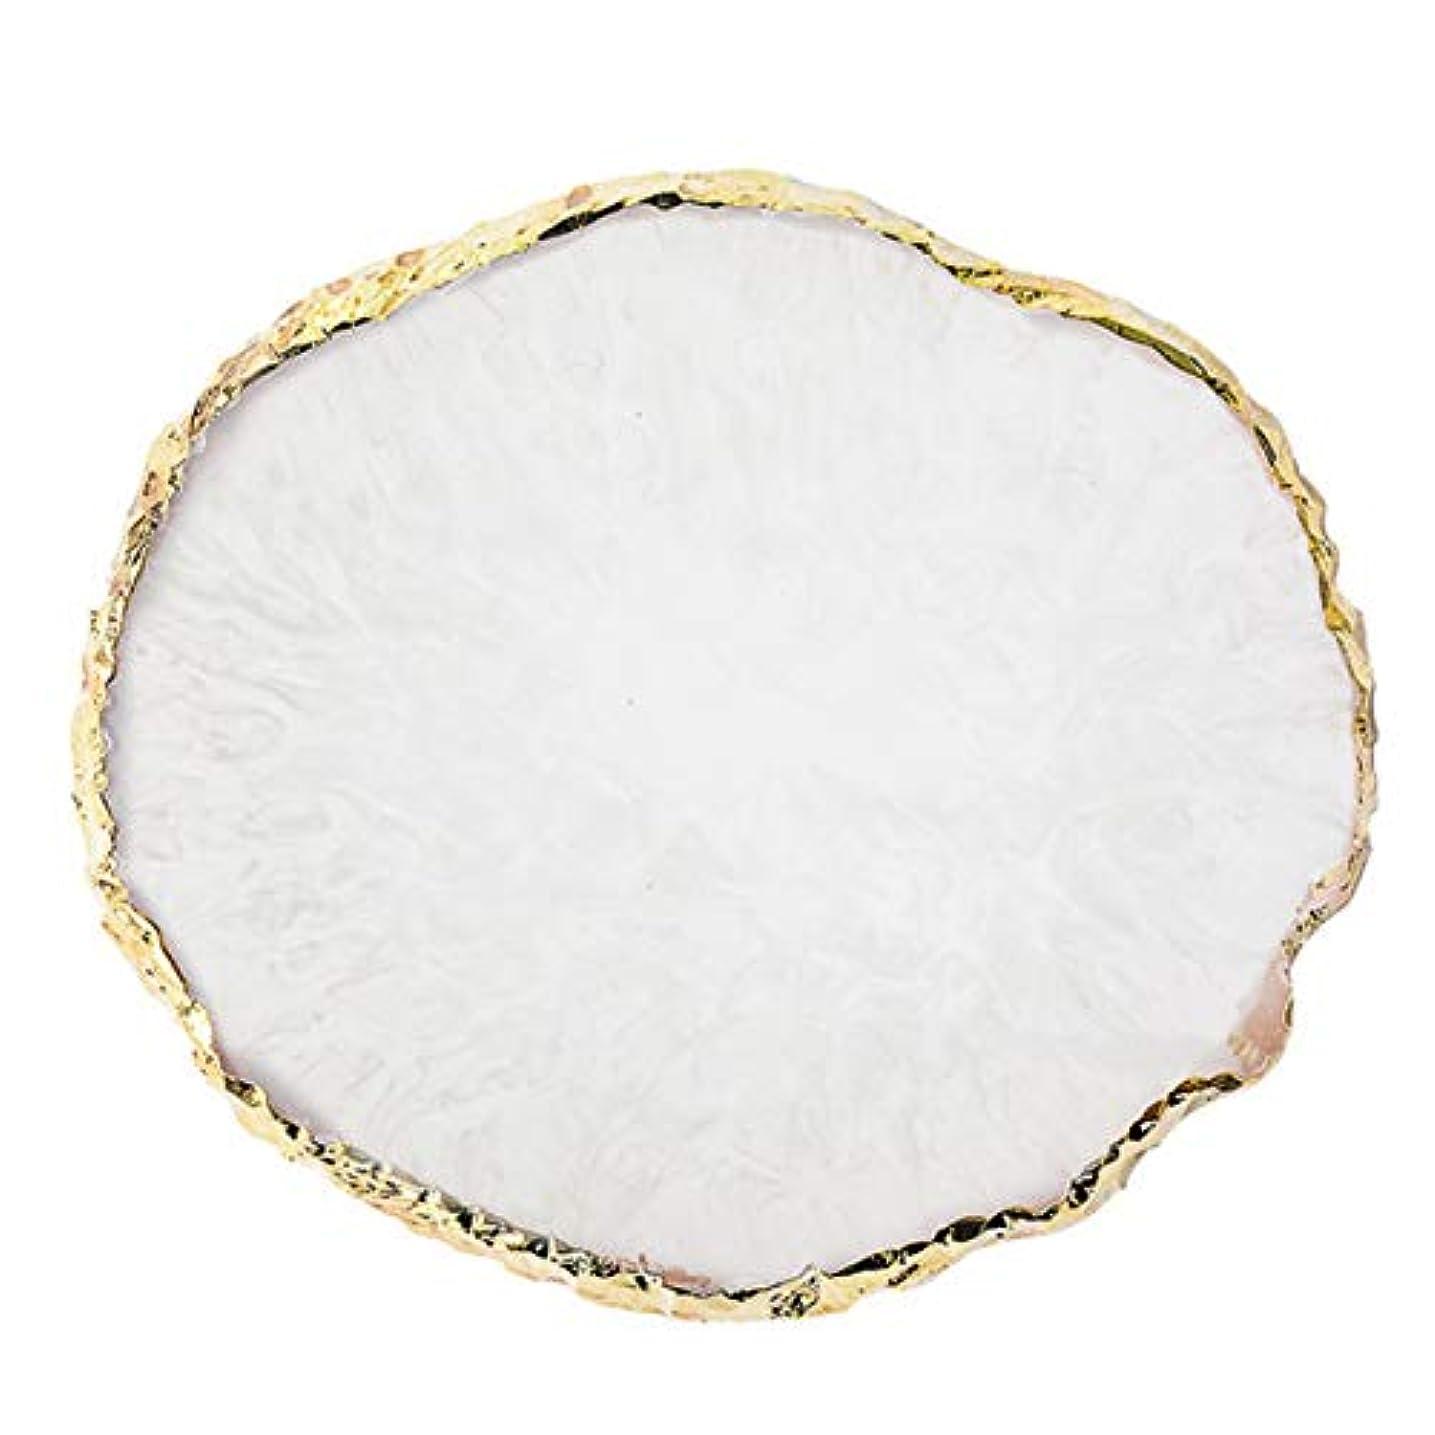 痛みブルーム無人Wadachikis 精神的な1 pc樹脂釘アート絵画ボード図面パレットを表示するゲル塗装色皿ゴールデンエッジマニキュア釘ディスプレイツール最新(None Q)